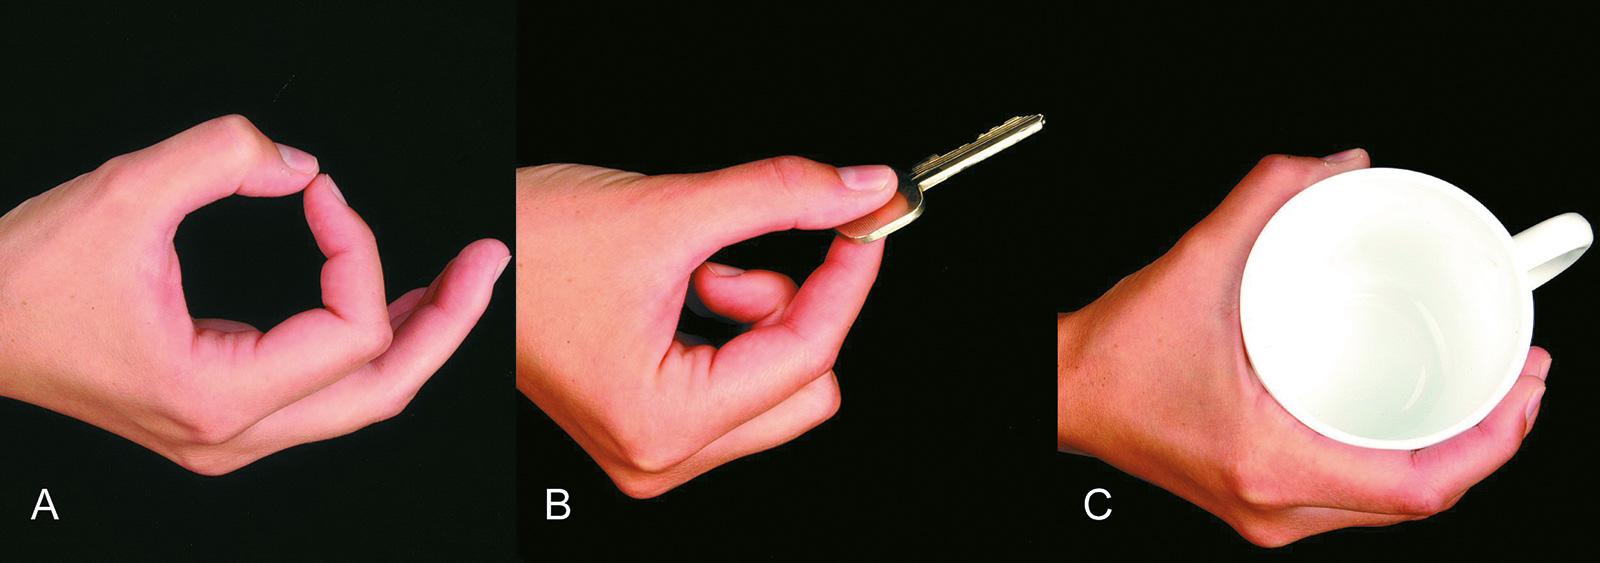 Abb. 7-29: Spitzgriff (A), Pinzettengriff (B) und Flaschengriff (C)